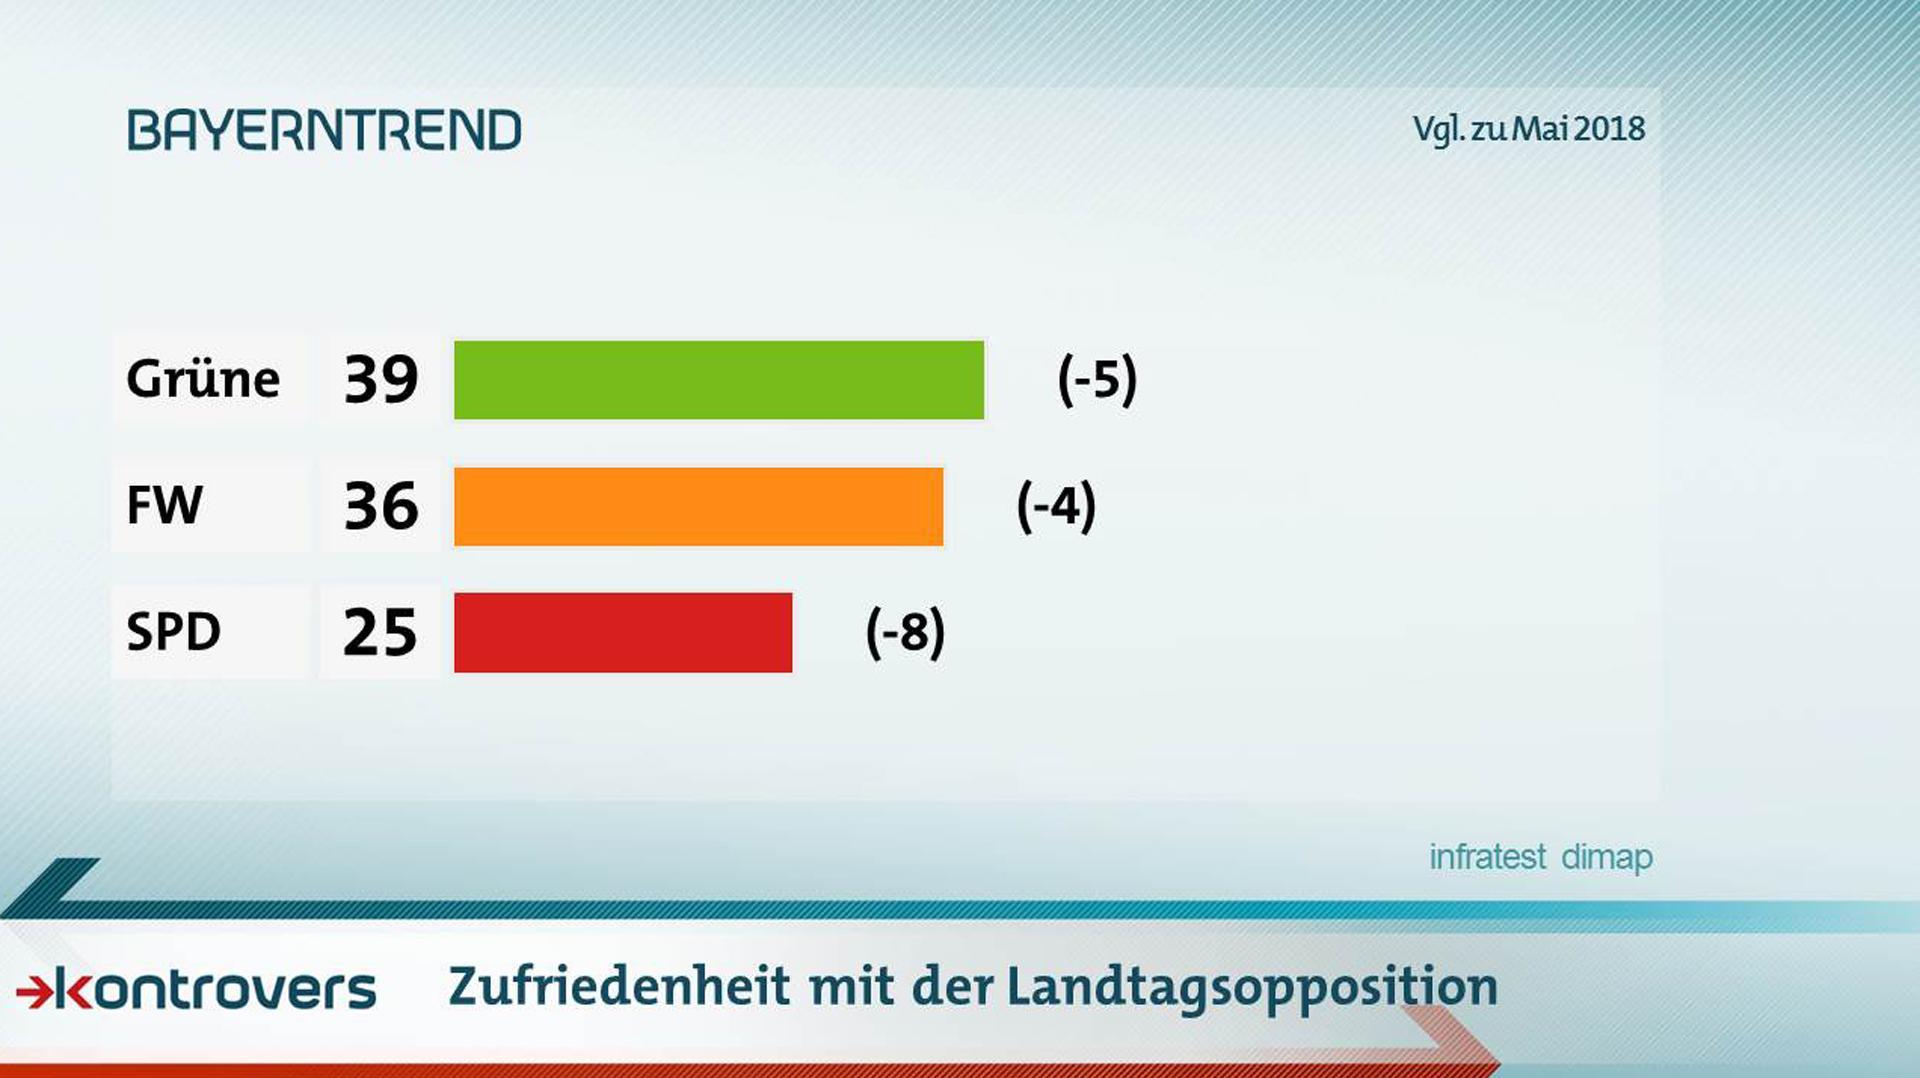 Wie zufrieden sind die Befragten mit der Landtagsopposition? Grüne 39 Prozent zufrieden, Freie Wähler 36, SPD 25